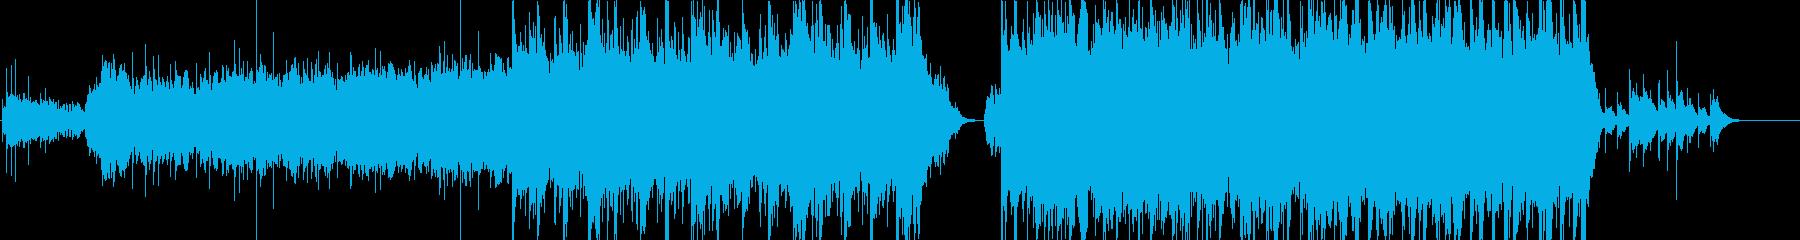 和楽器を使用した壮大な楽曲の再生済みの波形